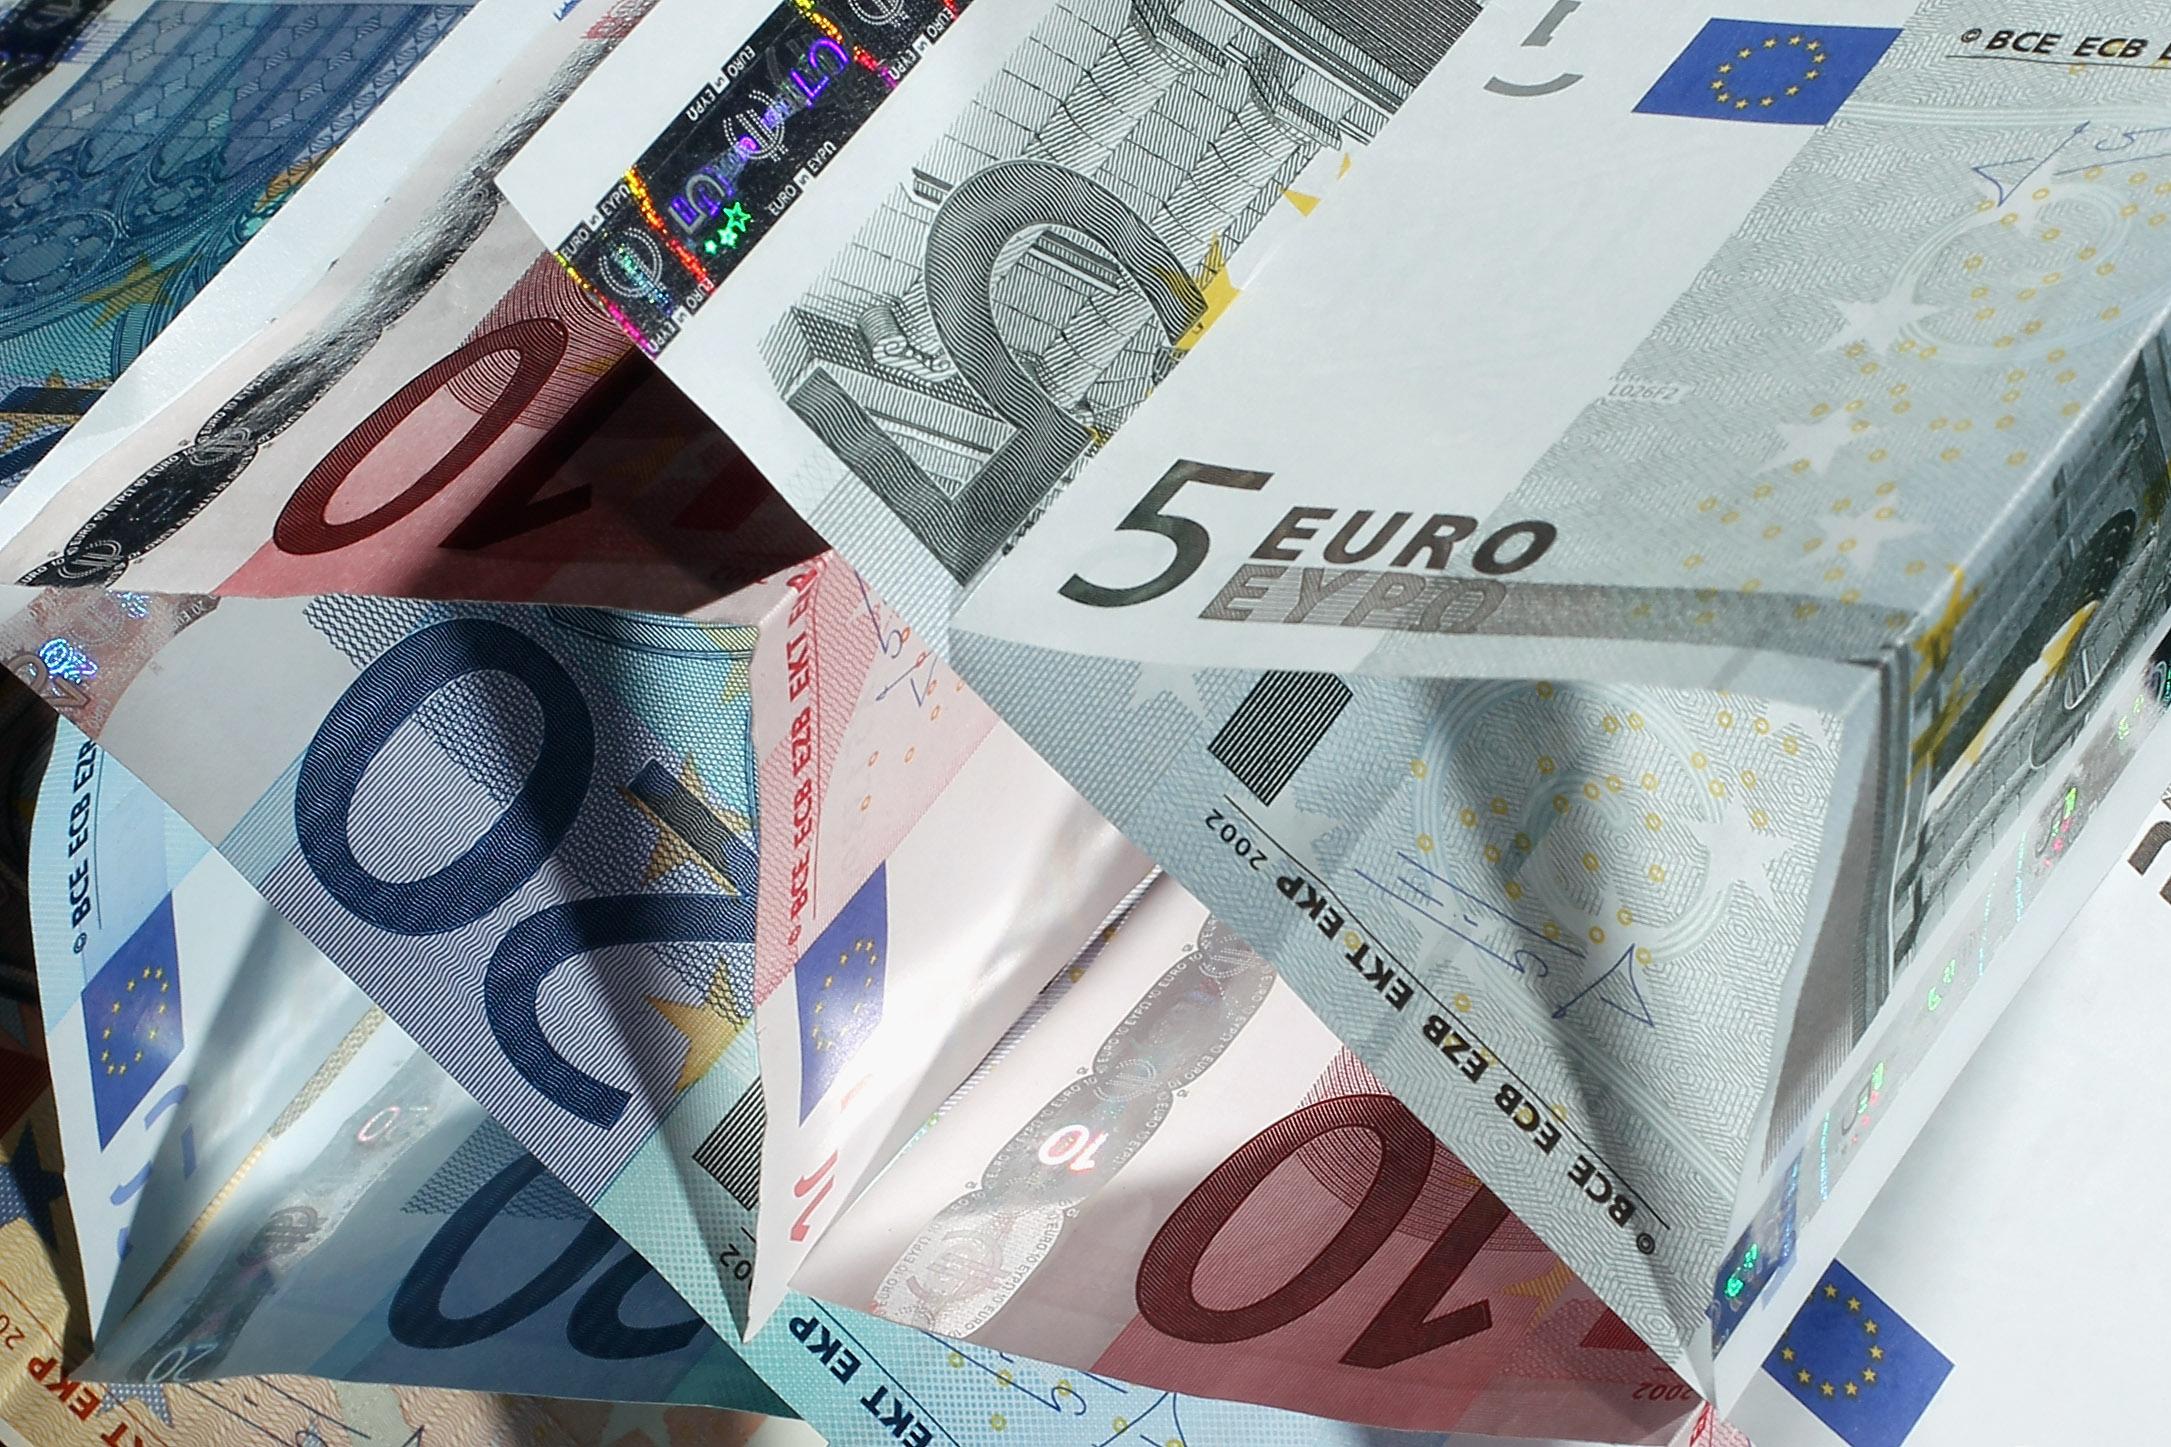 【週間為替展望】サプライズのないFOMC、日銀金融政策決定会合で円高方向か?のサムネイル画像